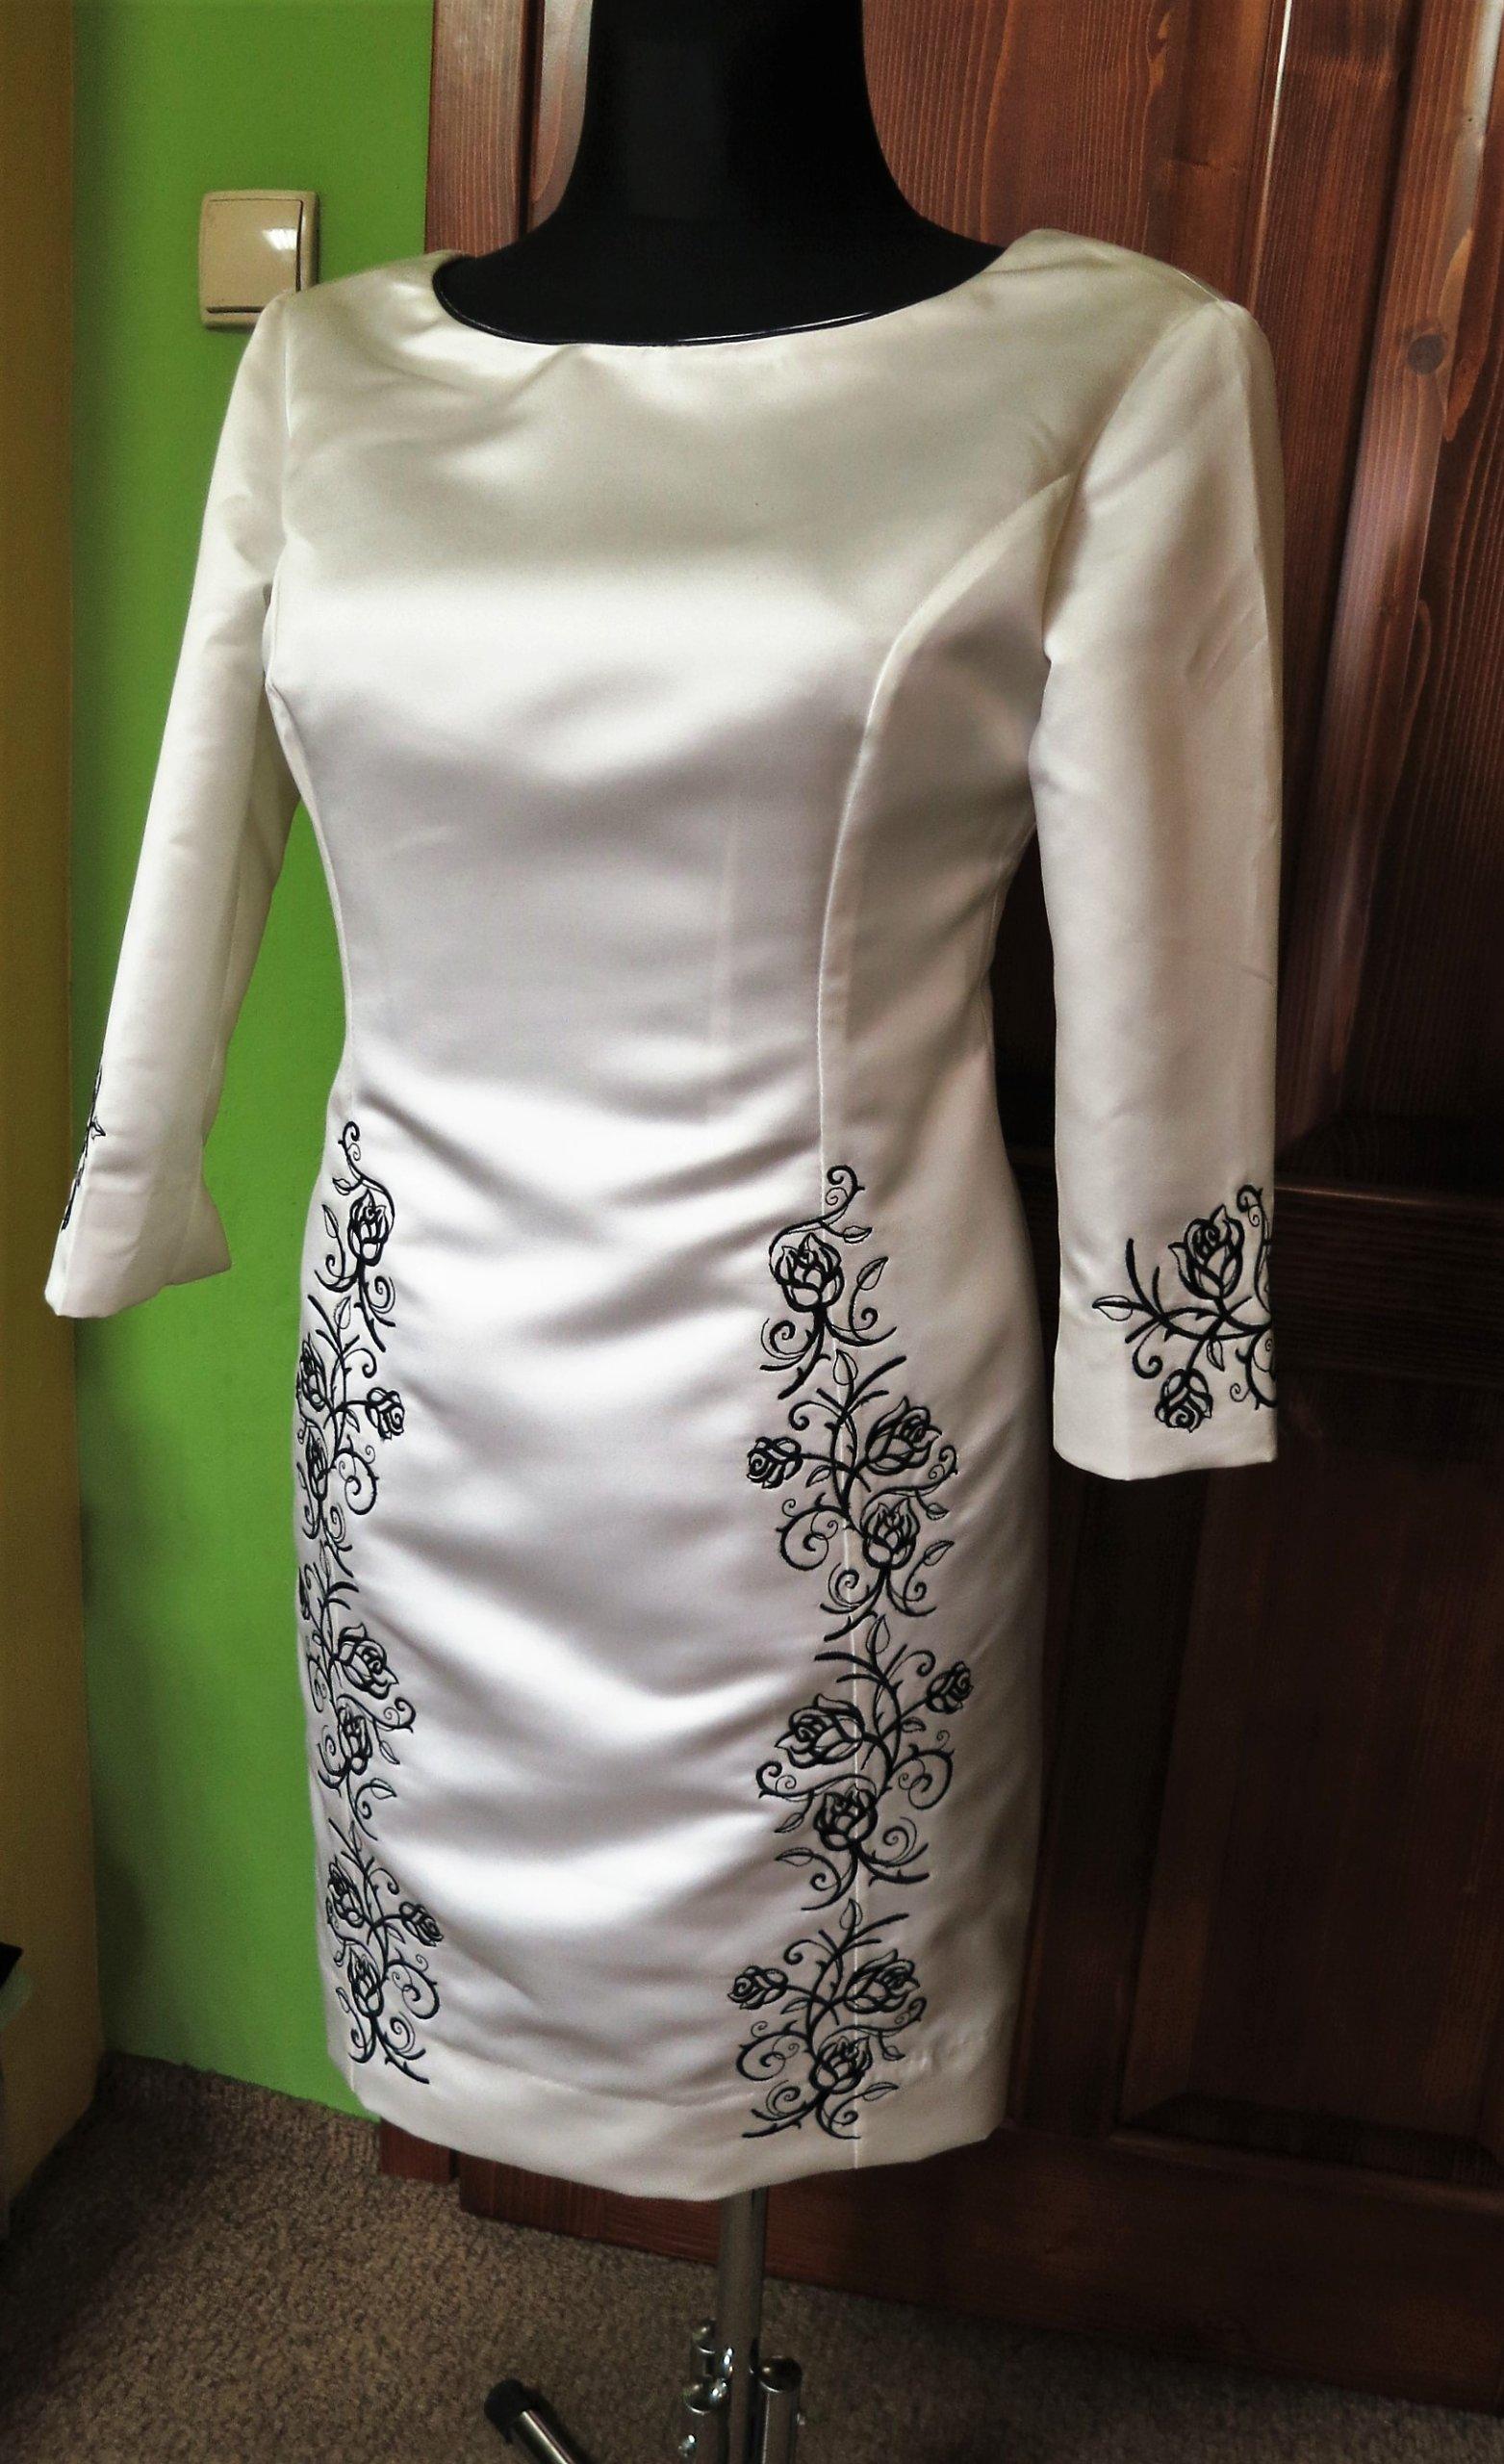 321aa4f968 SUKIENKA rozmiar 38 biała  ecru z haftem w róże - 6843031855 ...